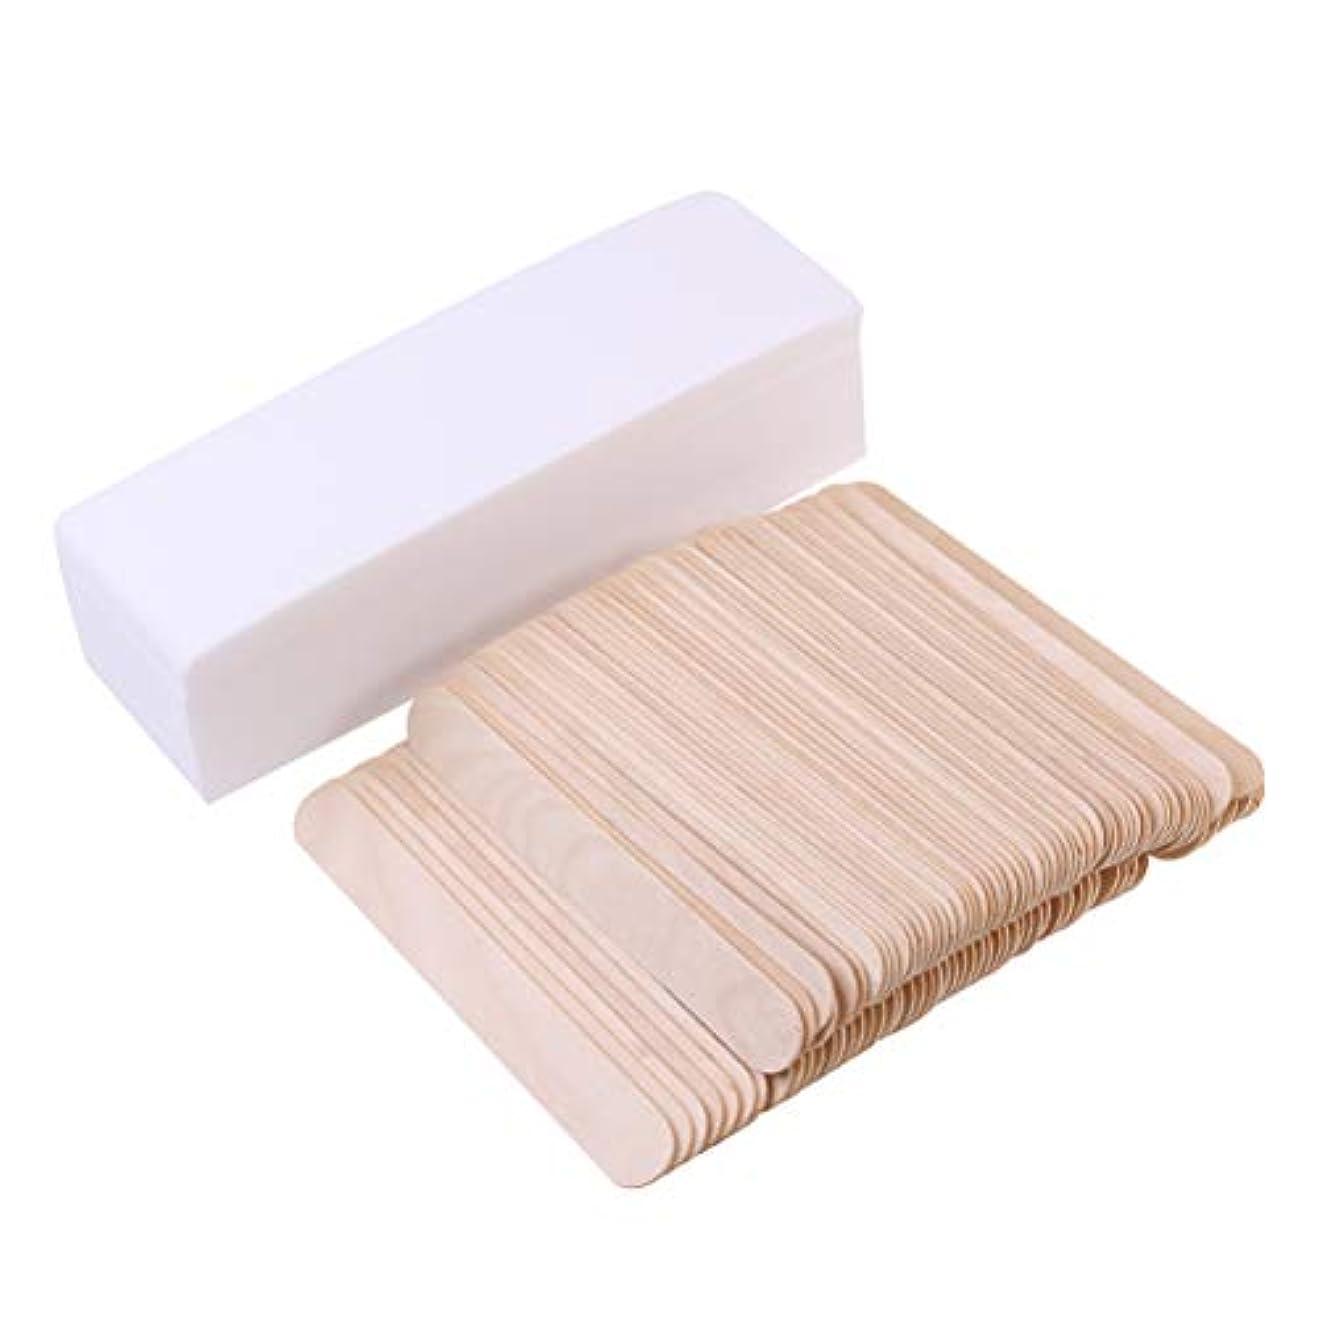 騙す承認ブルゴーニュHealifty 毛の取り外しのペーパー使い捨て可能なボディは100pcsワックスが付いているペーパーを取り除きます